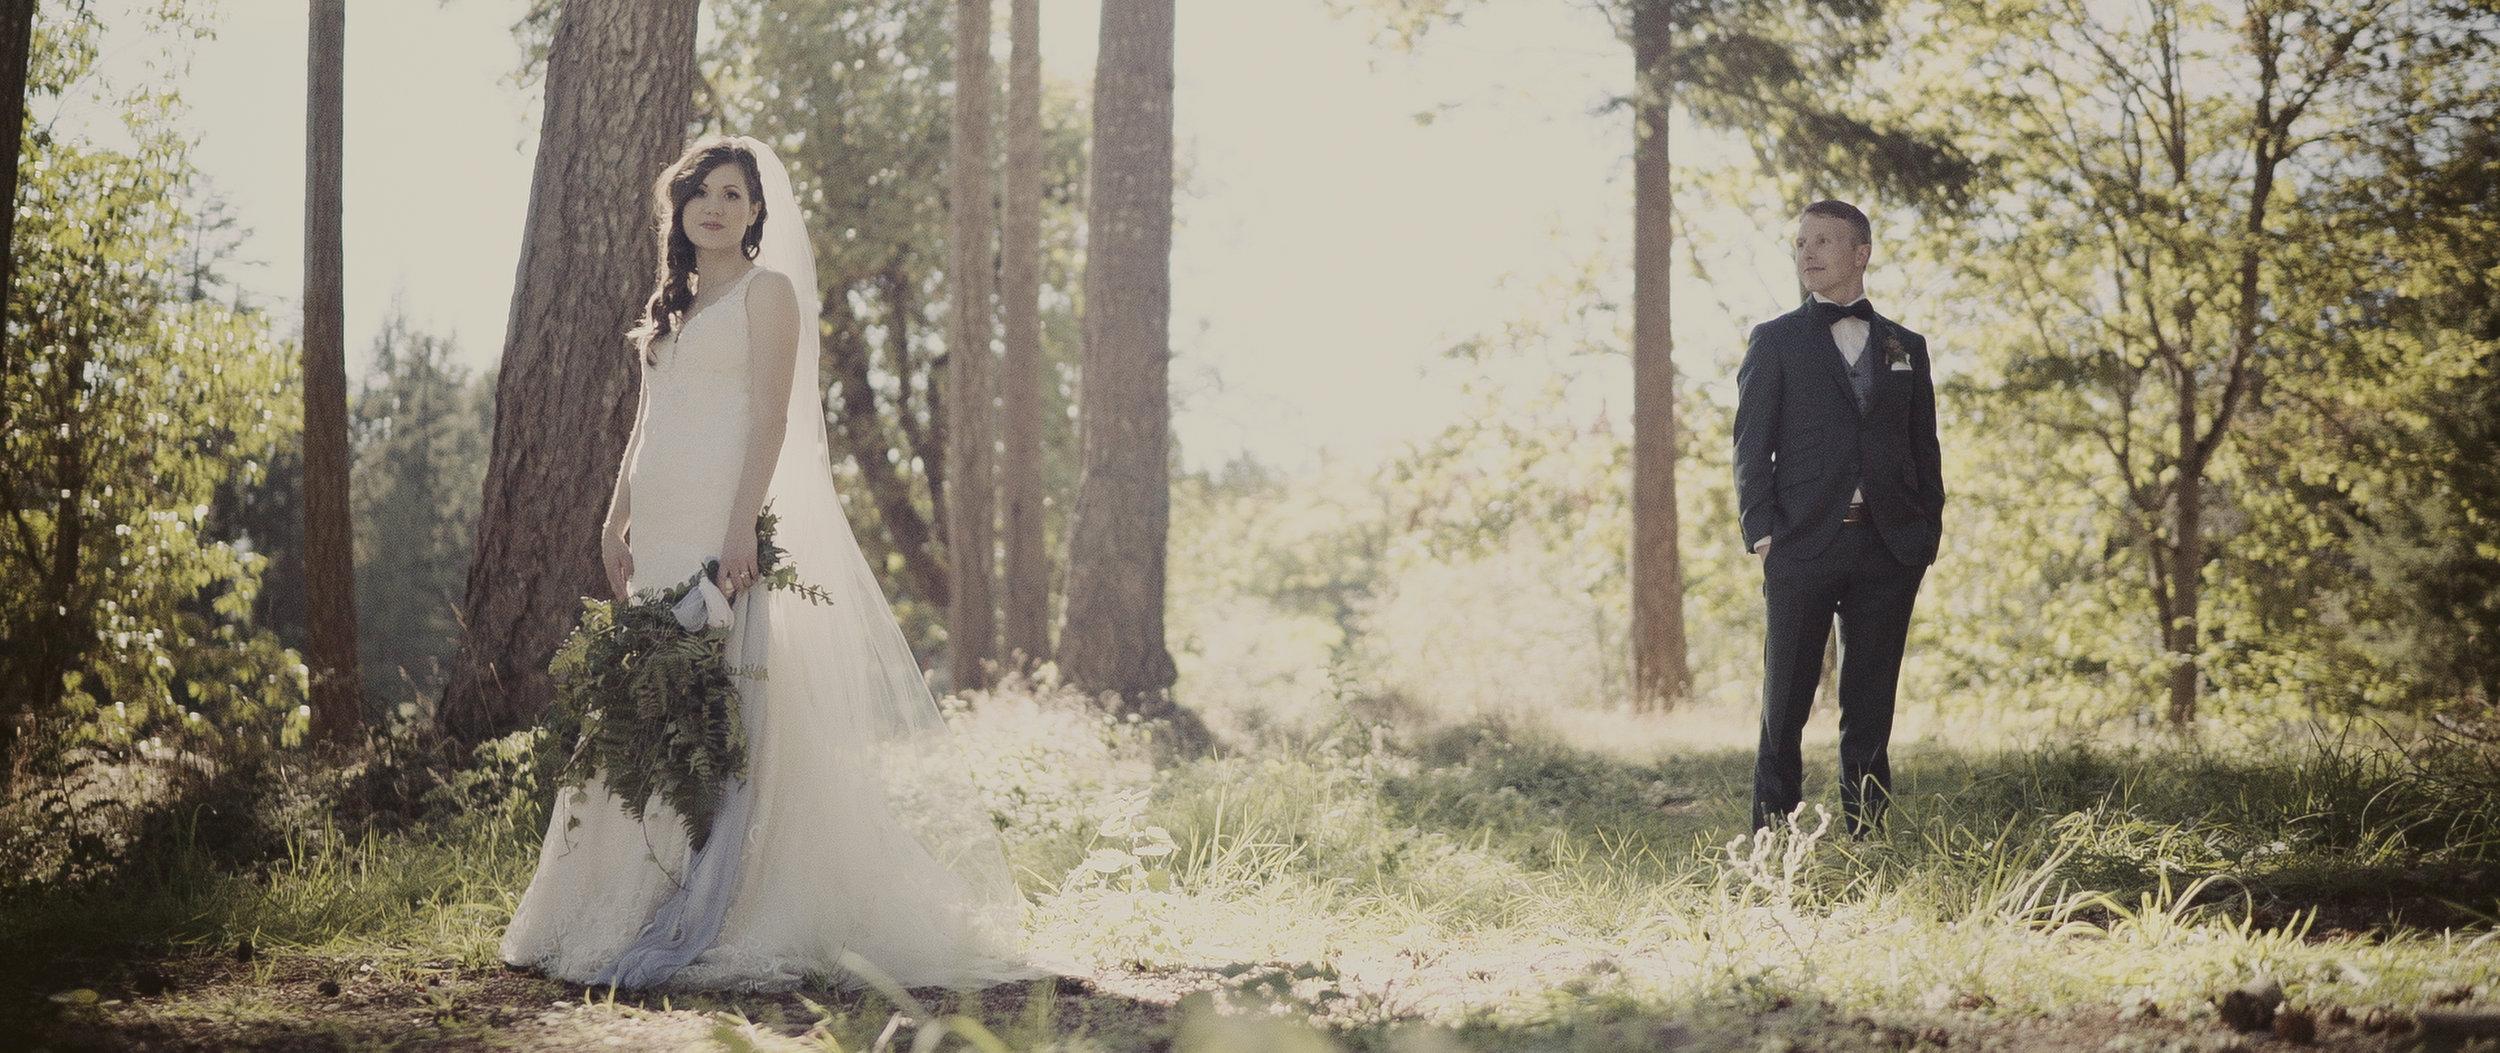 Galiano Island Wedding Cinematography-2.jpg